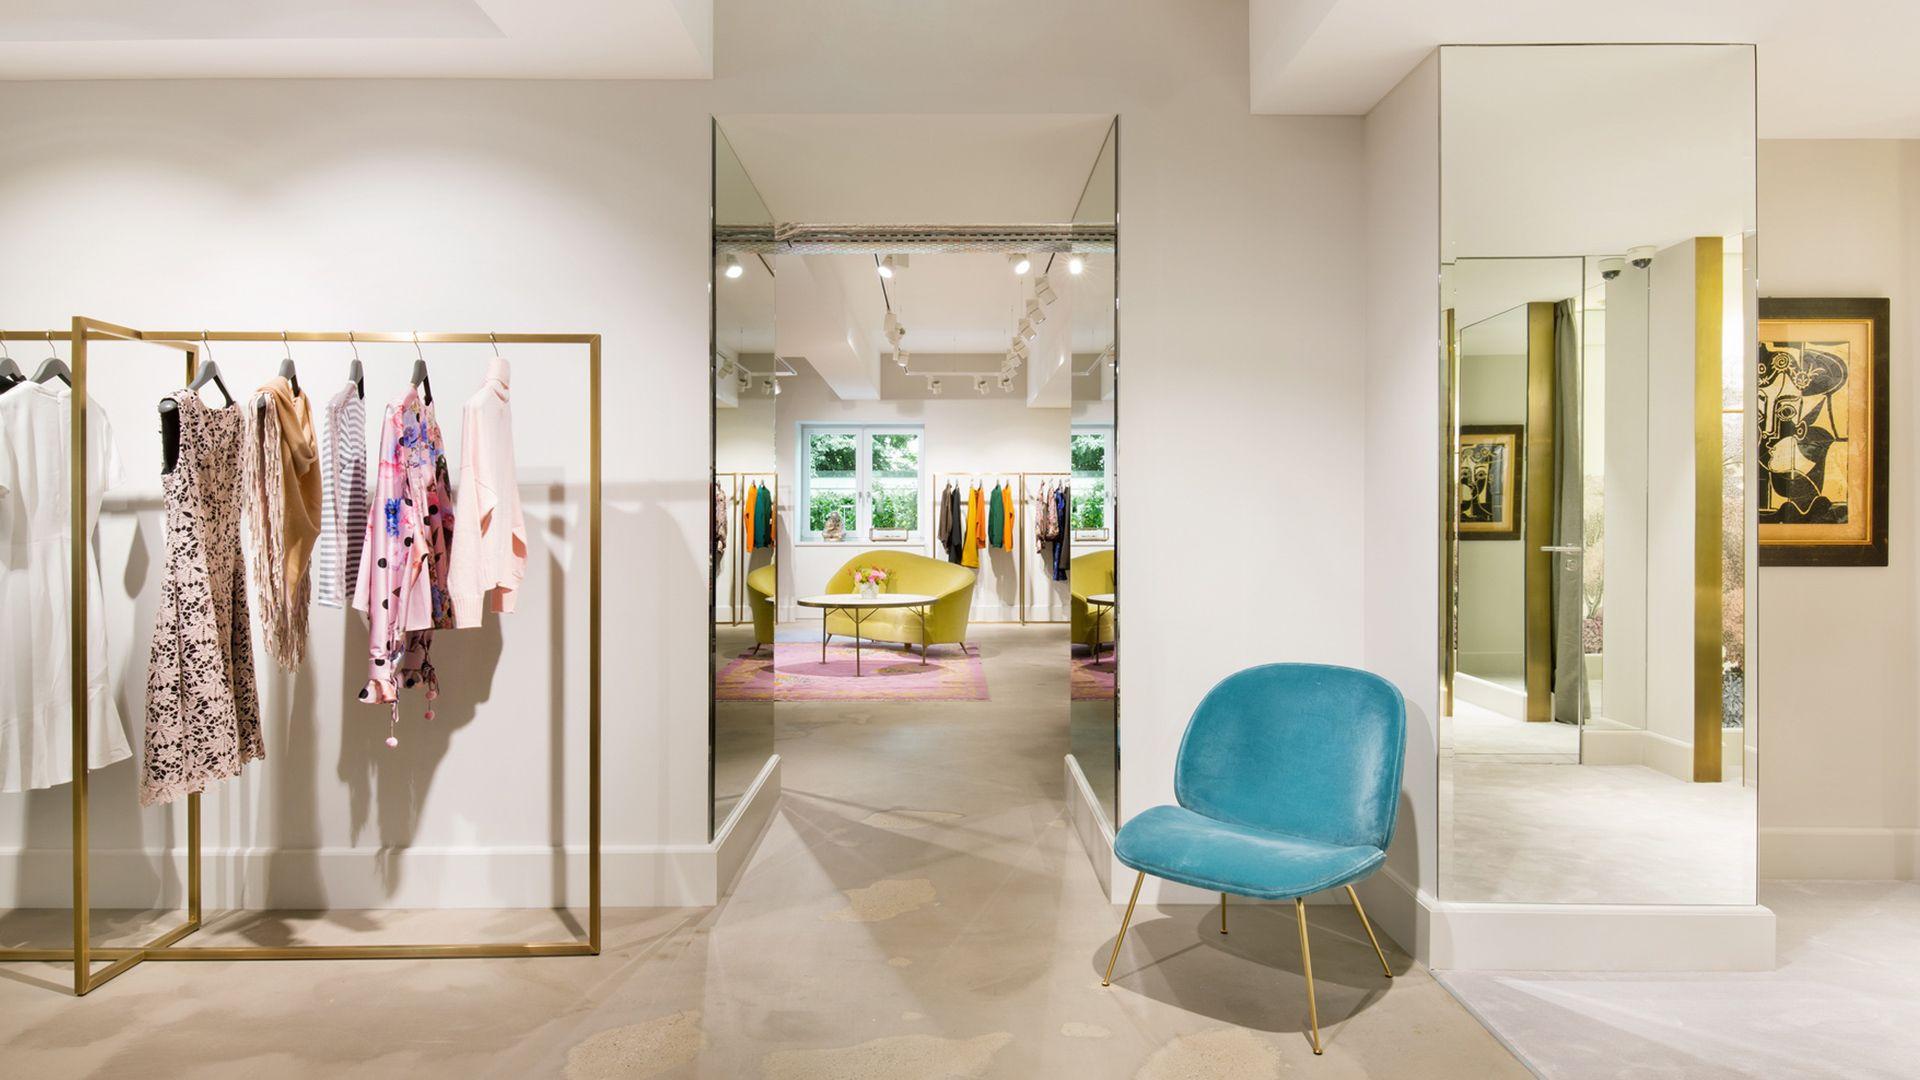 gubi beetle lounge chair at apropos der exklusivste store in k ln gubi pinterest. Black Bedroom Furniture Sets. Home Design Ideas